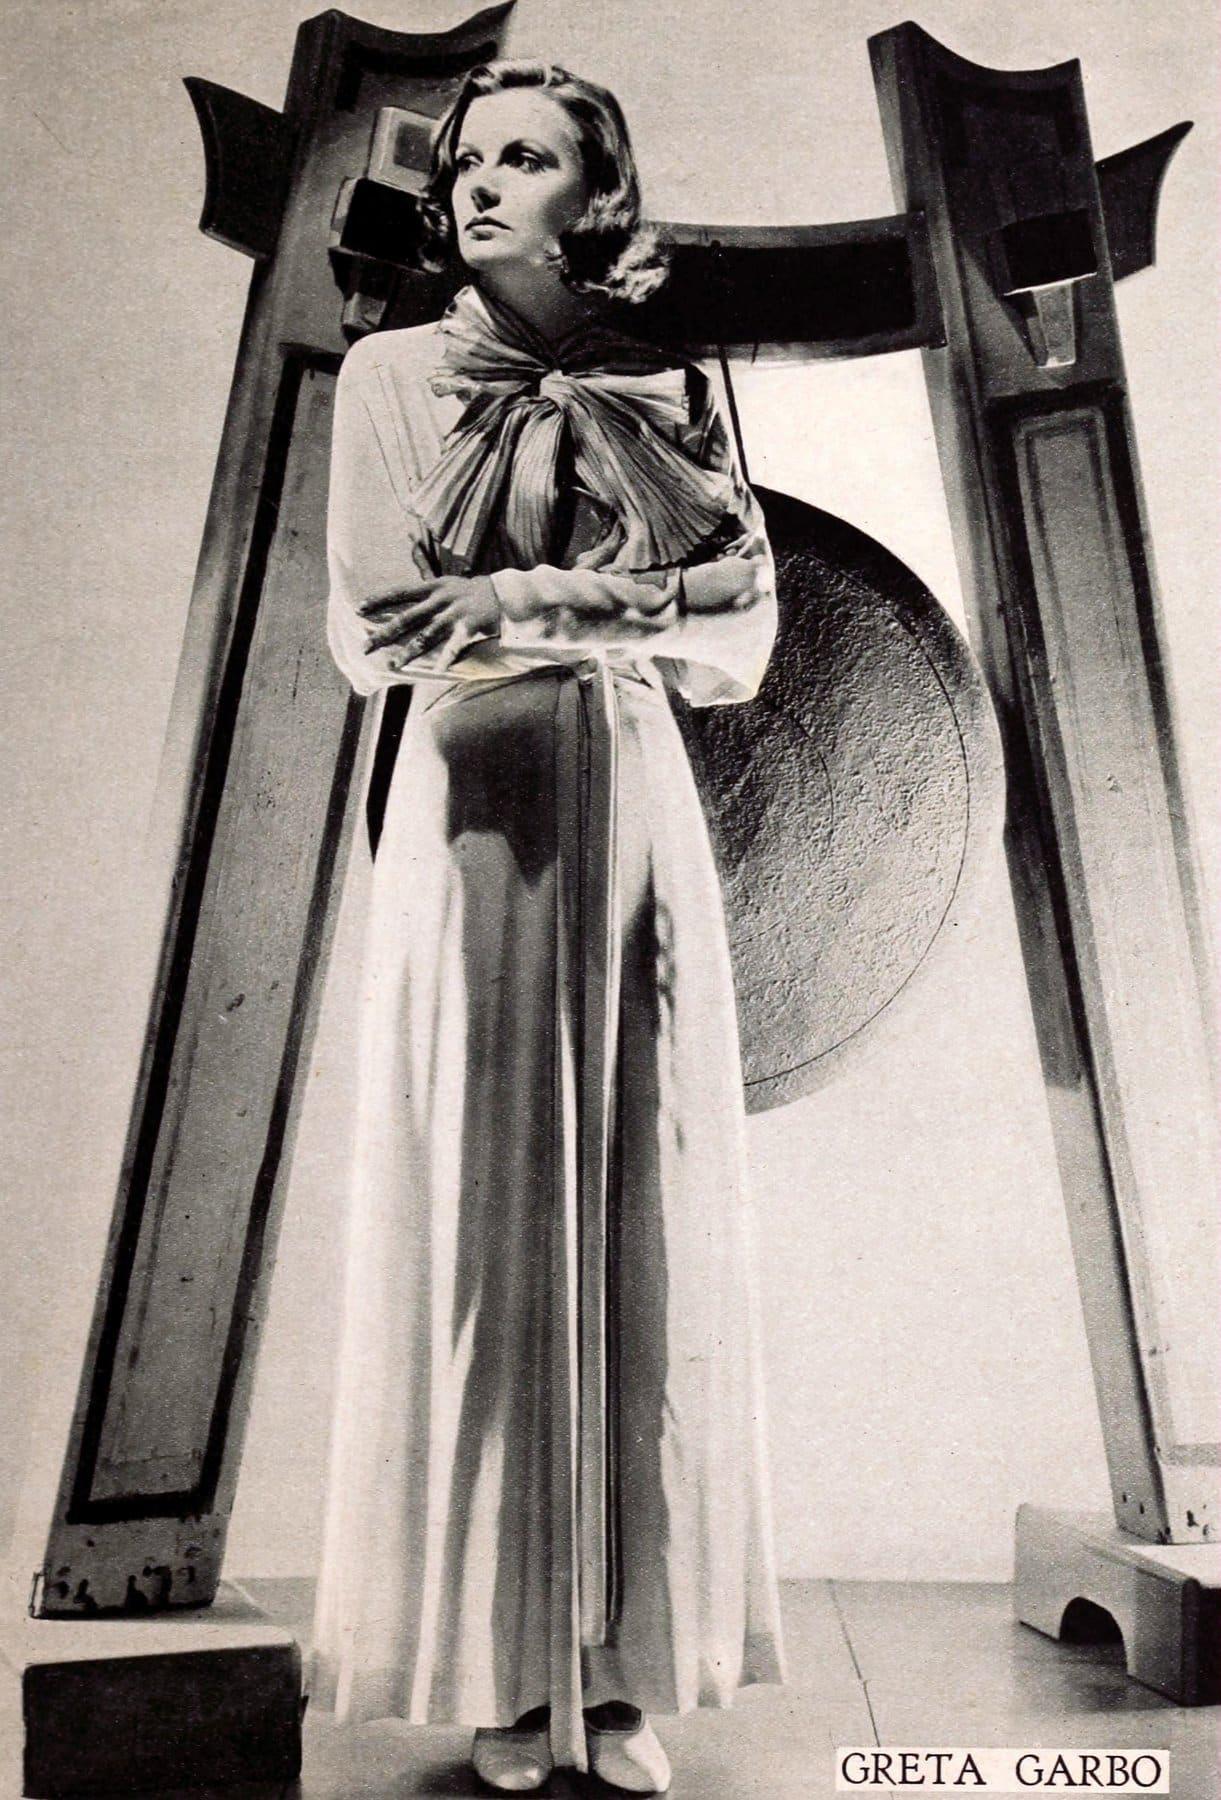 Vintage actress Greta Garbo standing (1928)